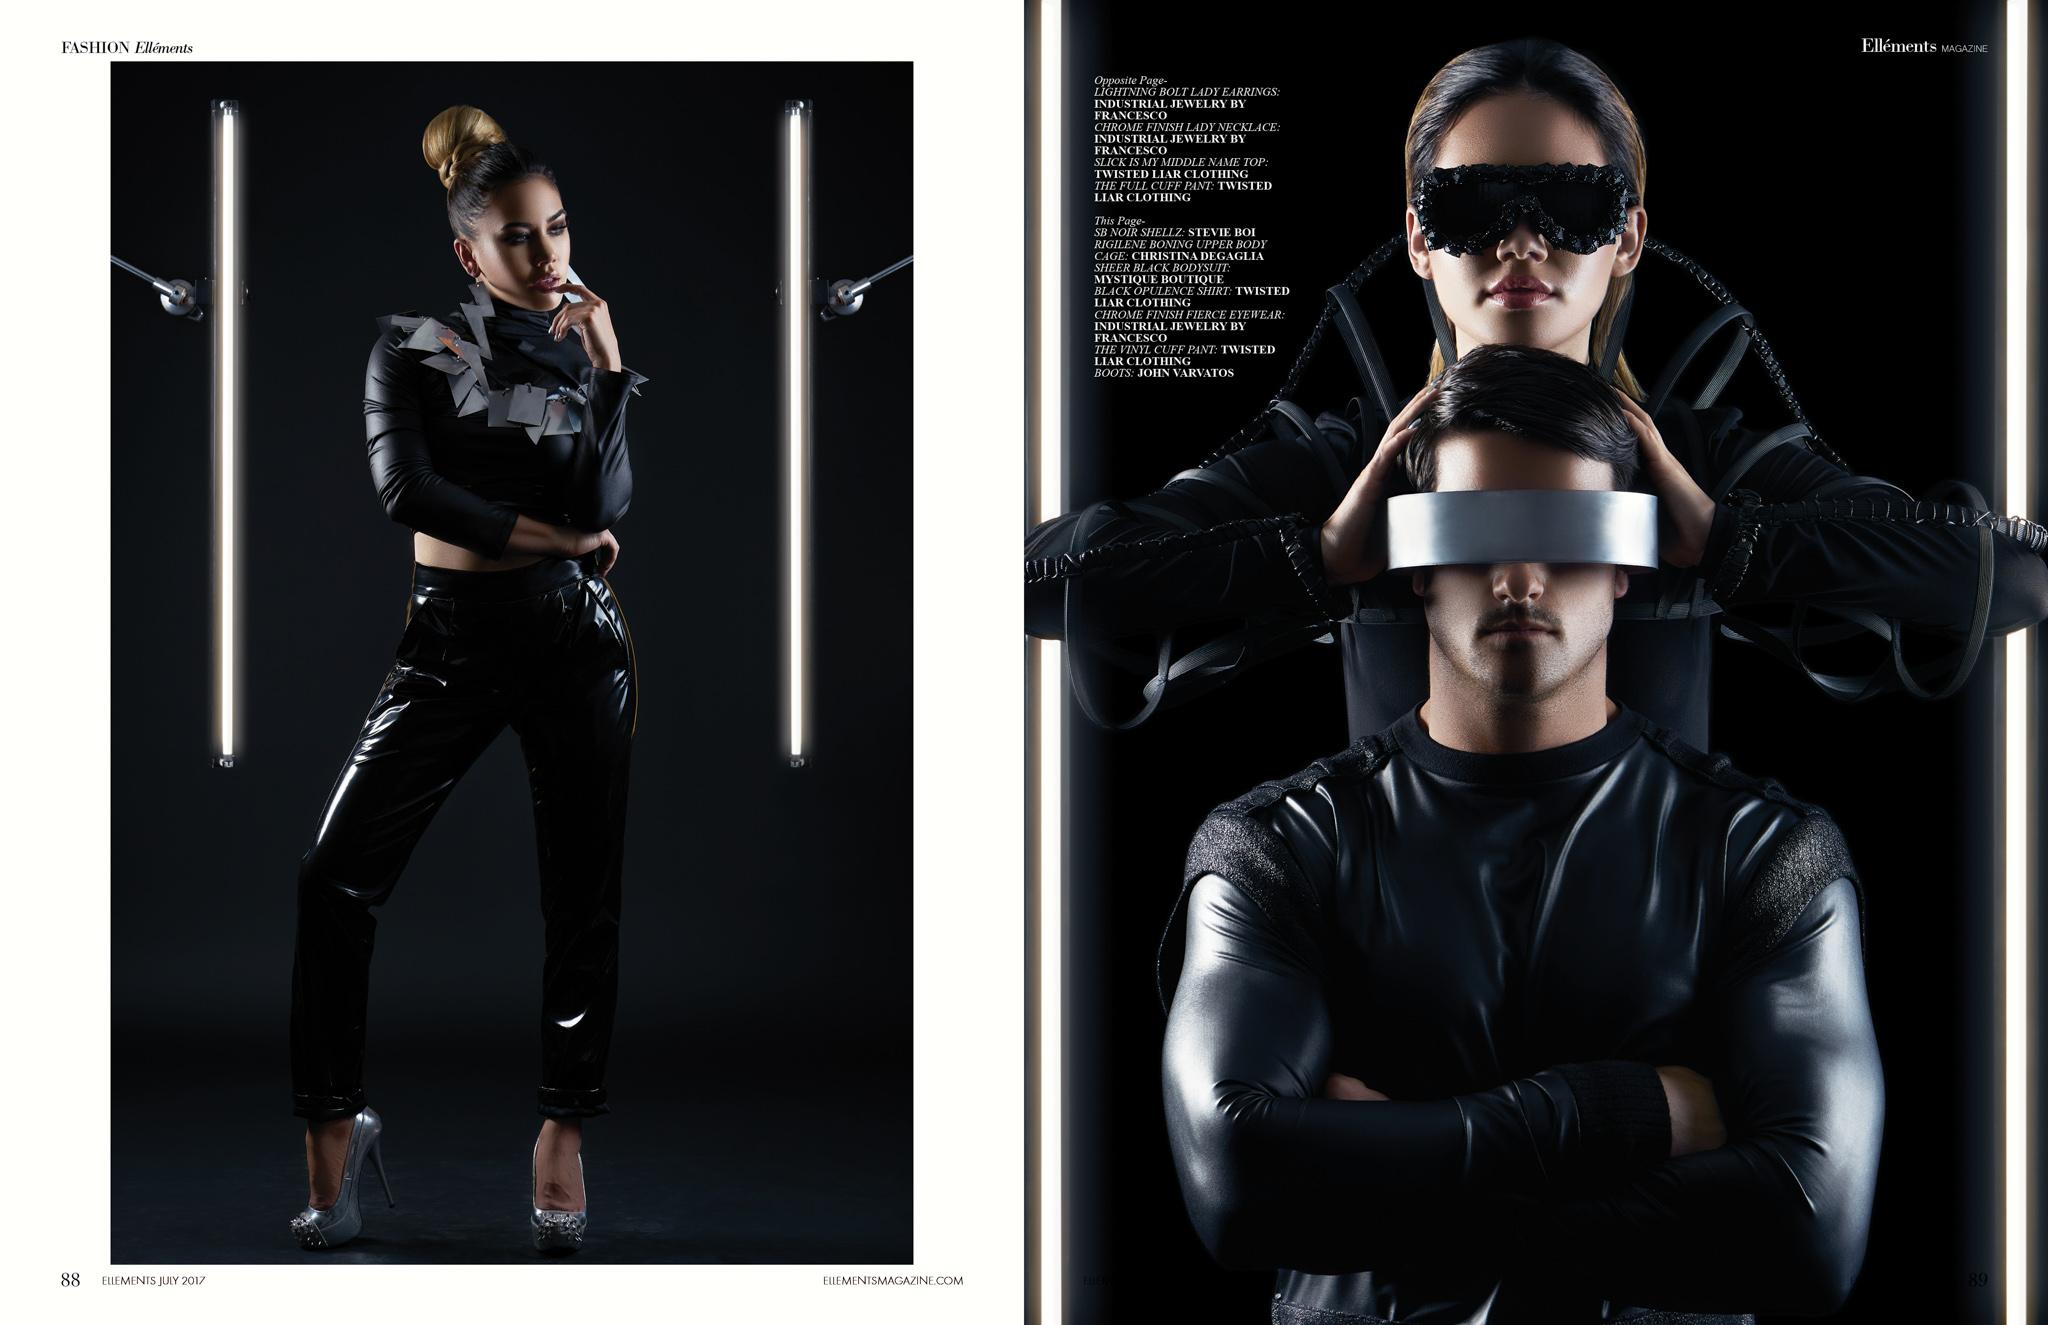 Elléments_Magazine_1707_Spread_02.jpg